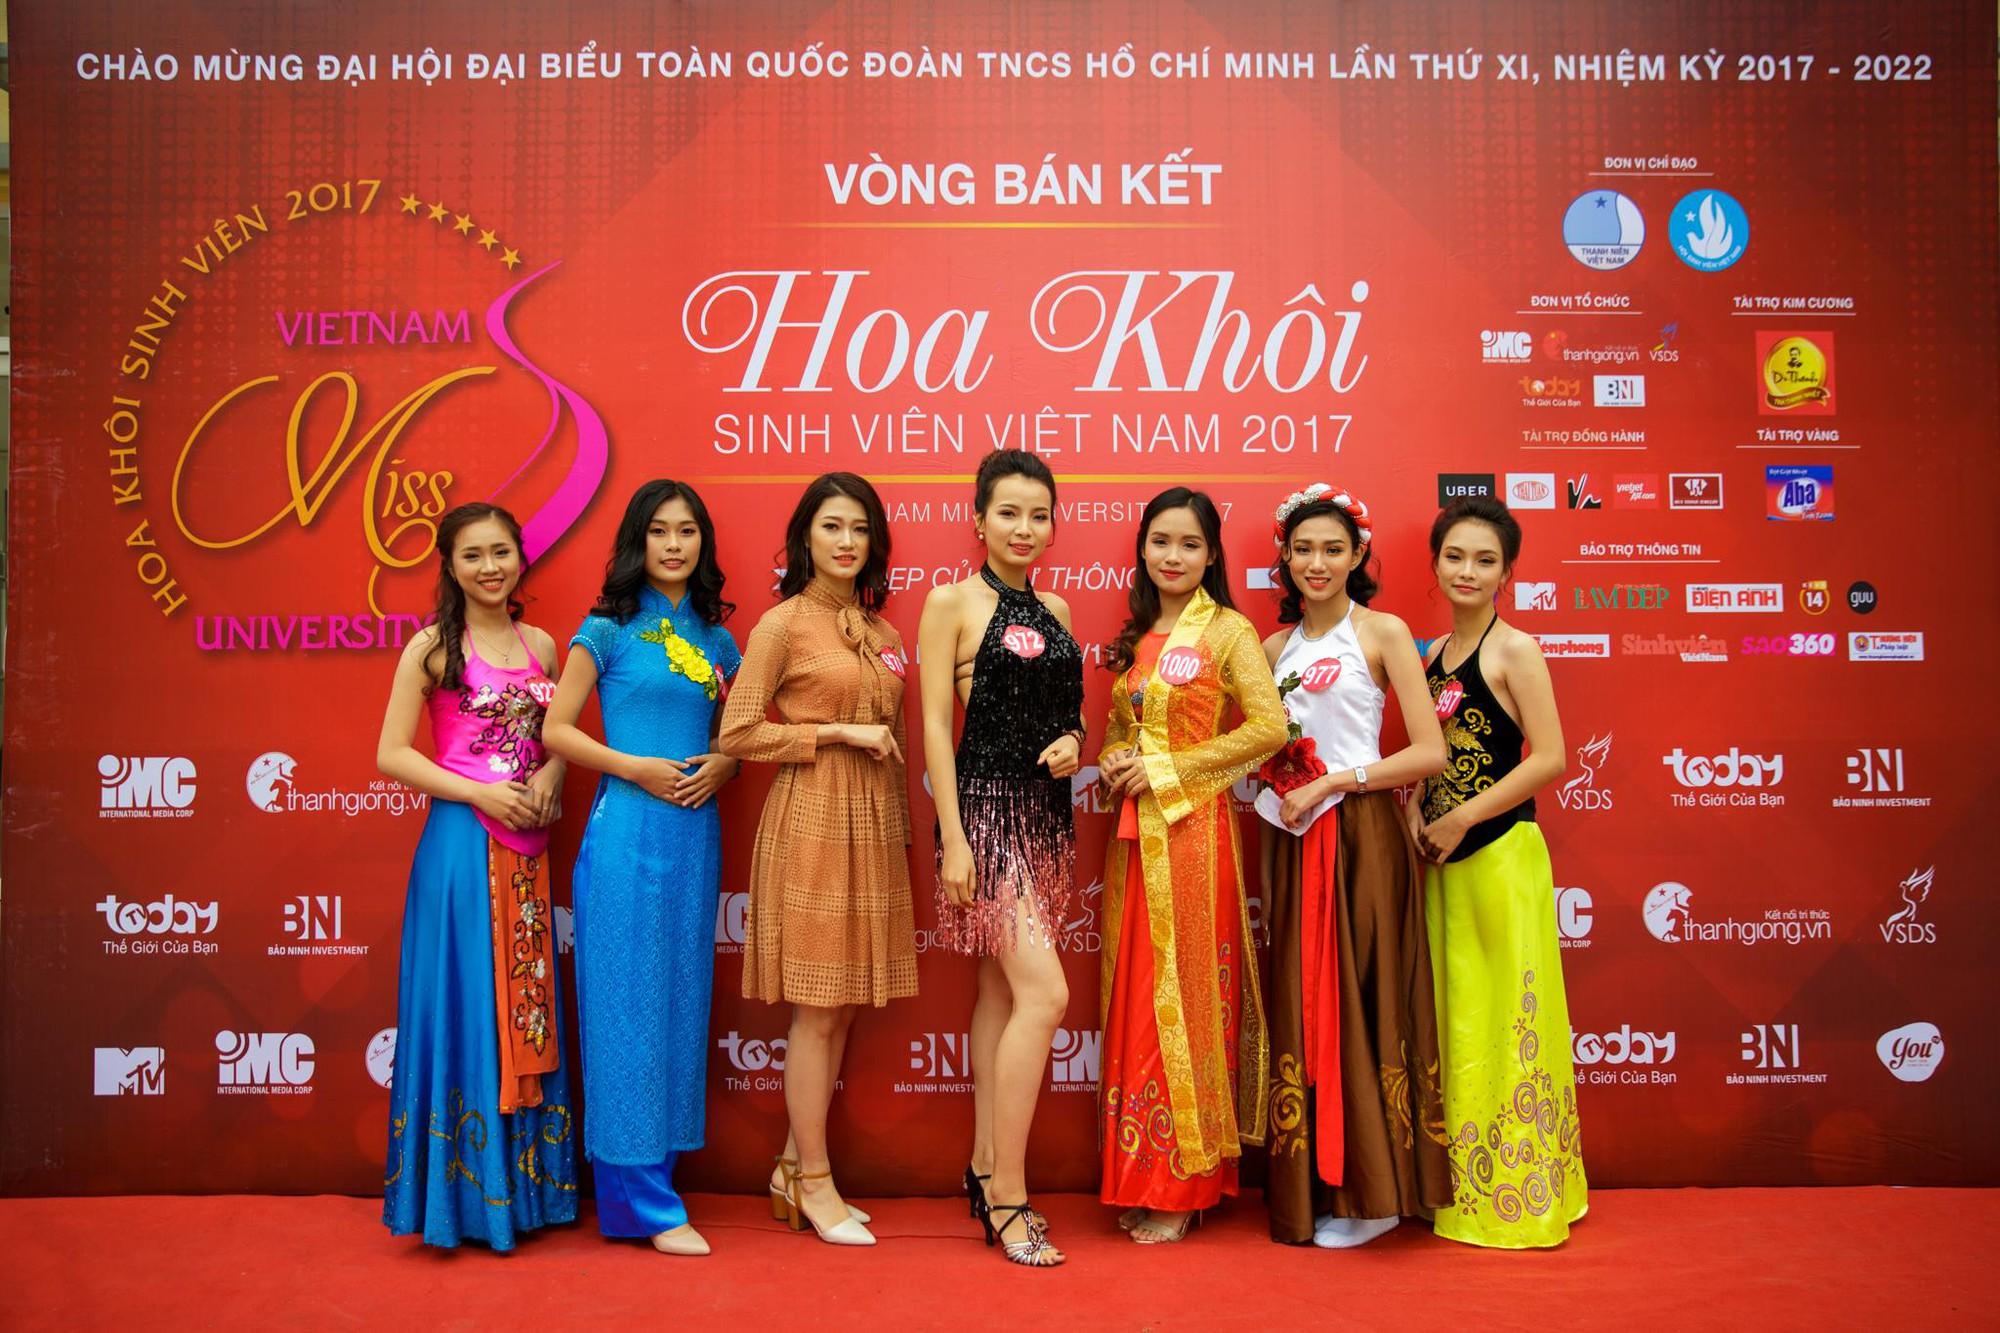 15 gương mặt đầu tiên xuất hiện trong vòng Chung kết Hoa khôi Sinh viên Việt Nam 2017 đã lộ diện - Ảnh 1.